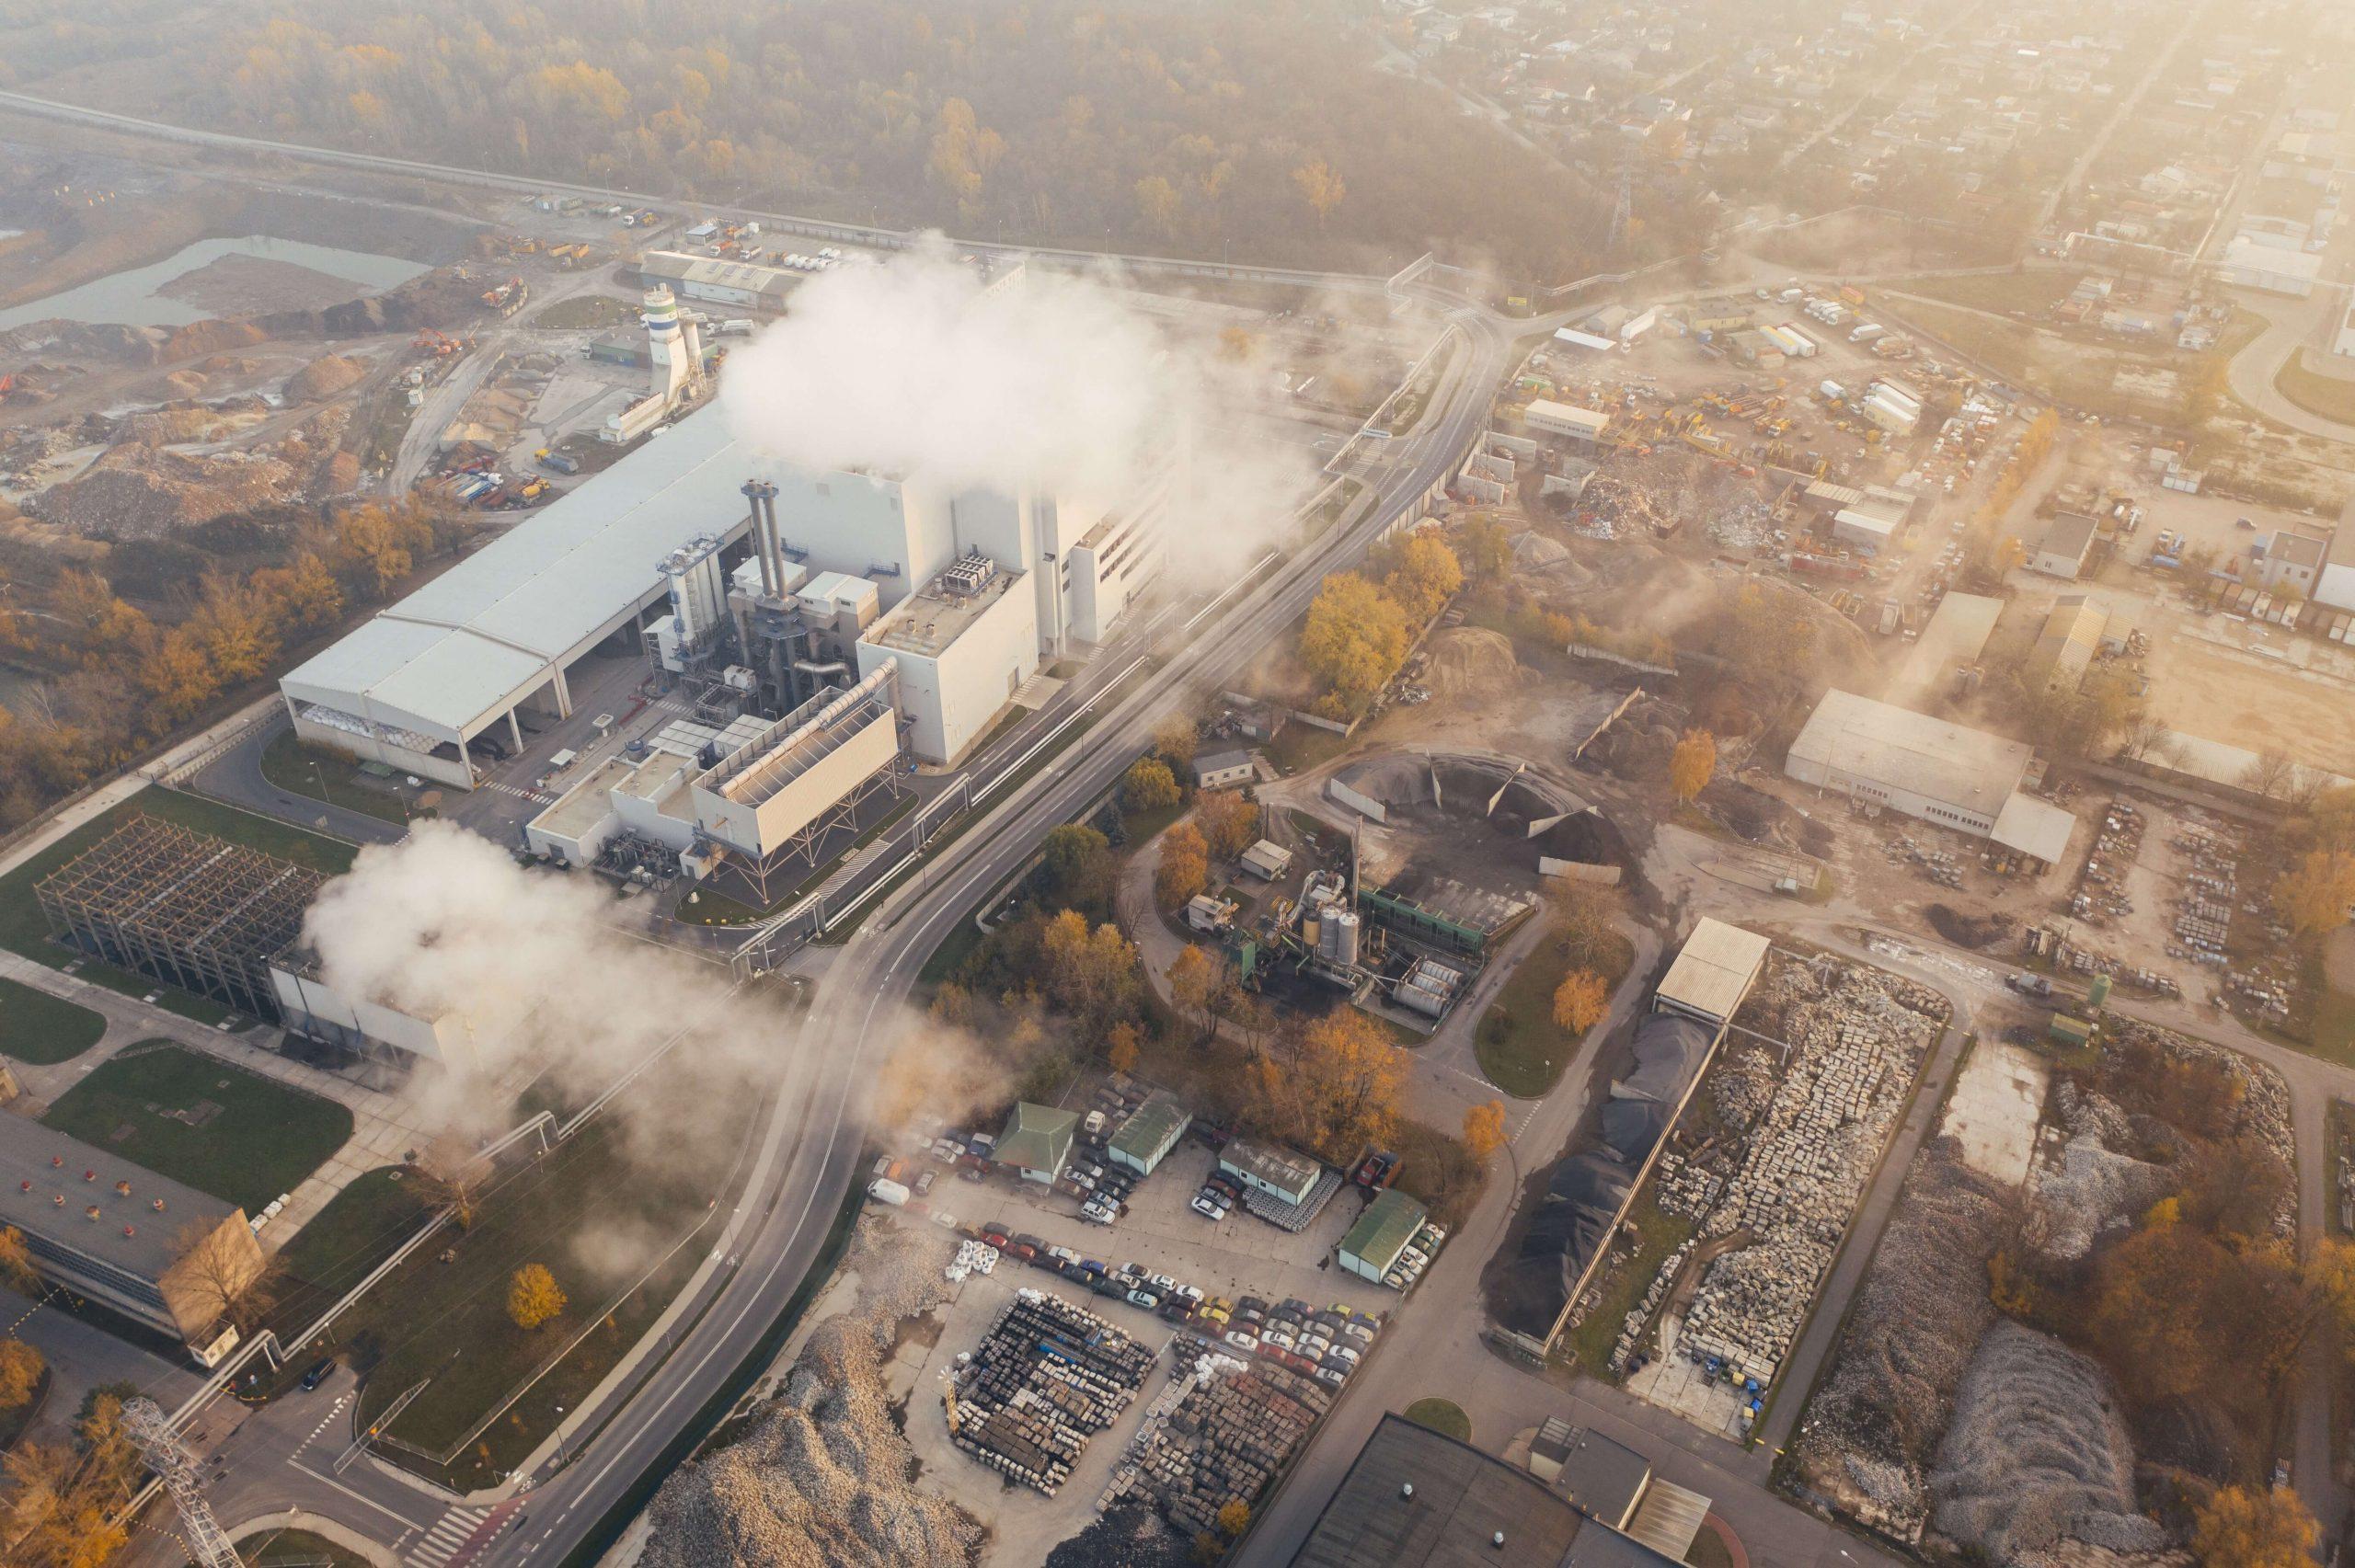 Yenilenebilir enerji tüm dünyada rekabet üstünlüğü elde ederken kömür yatırımcıları 600 milyar dolarlık riskle karşı karşıya